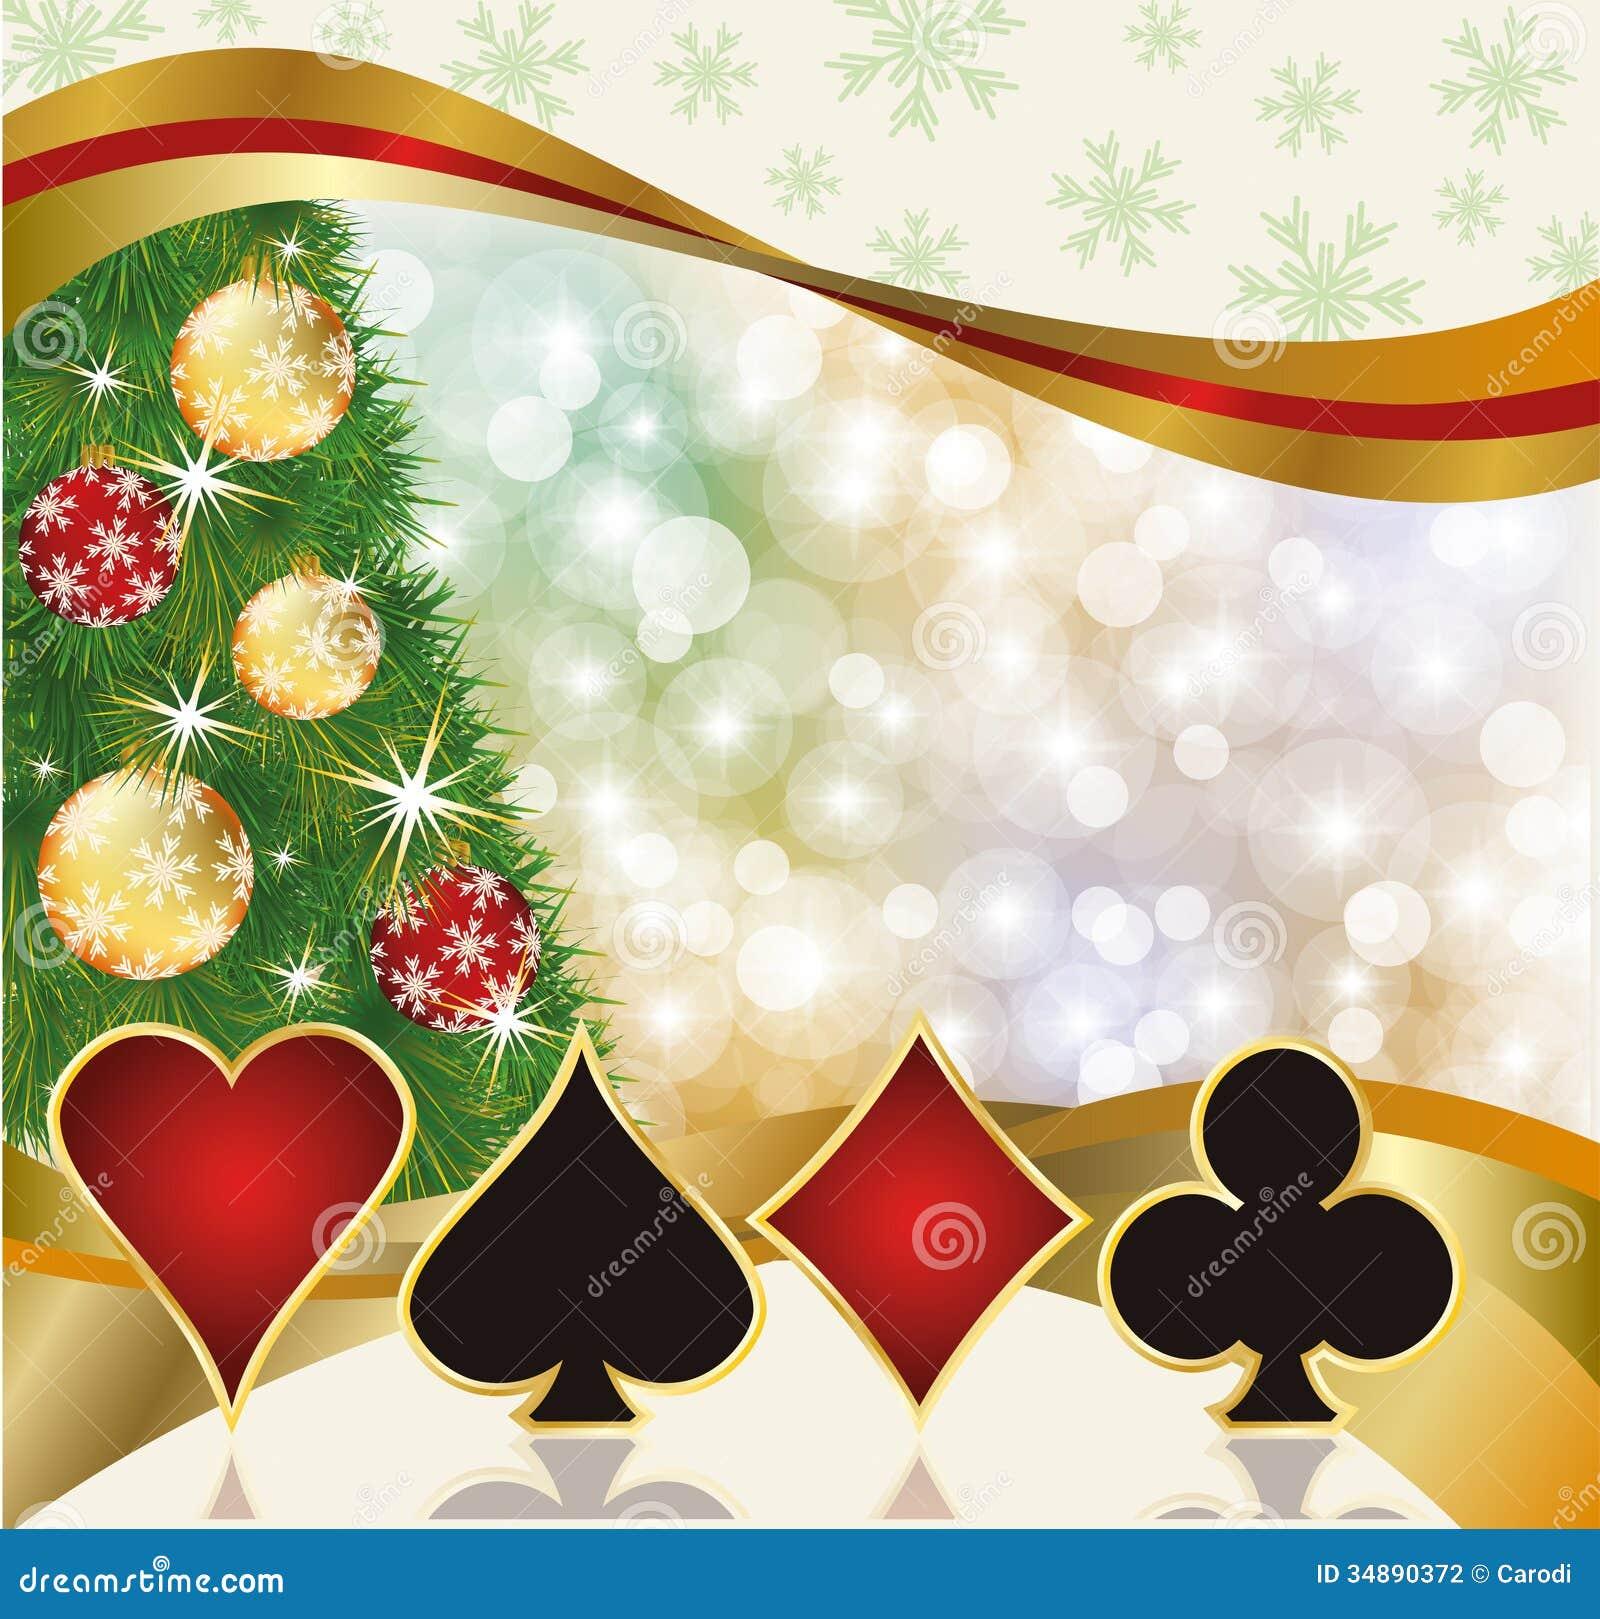 Christmas Casinos